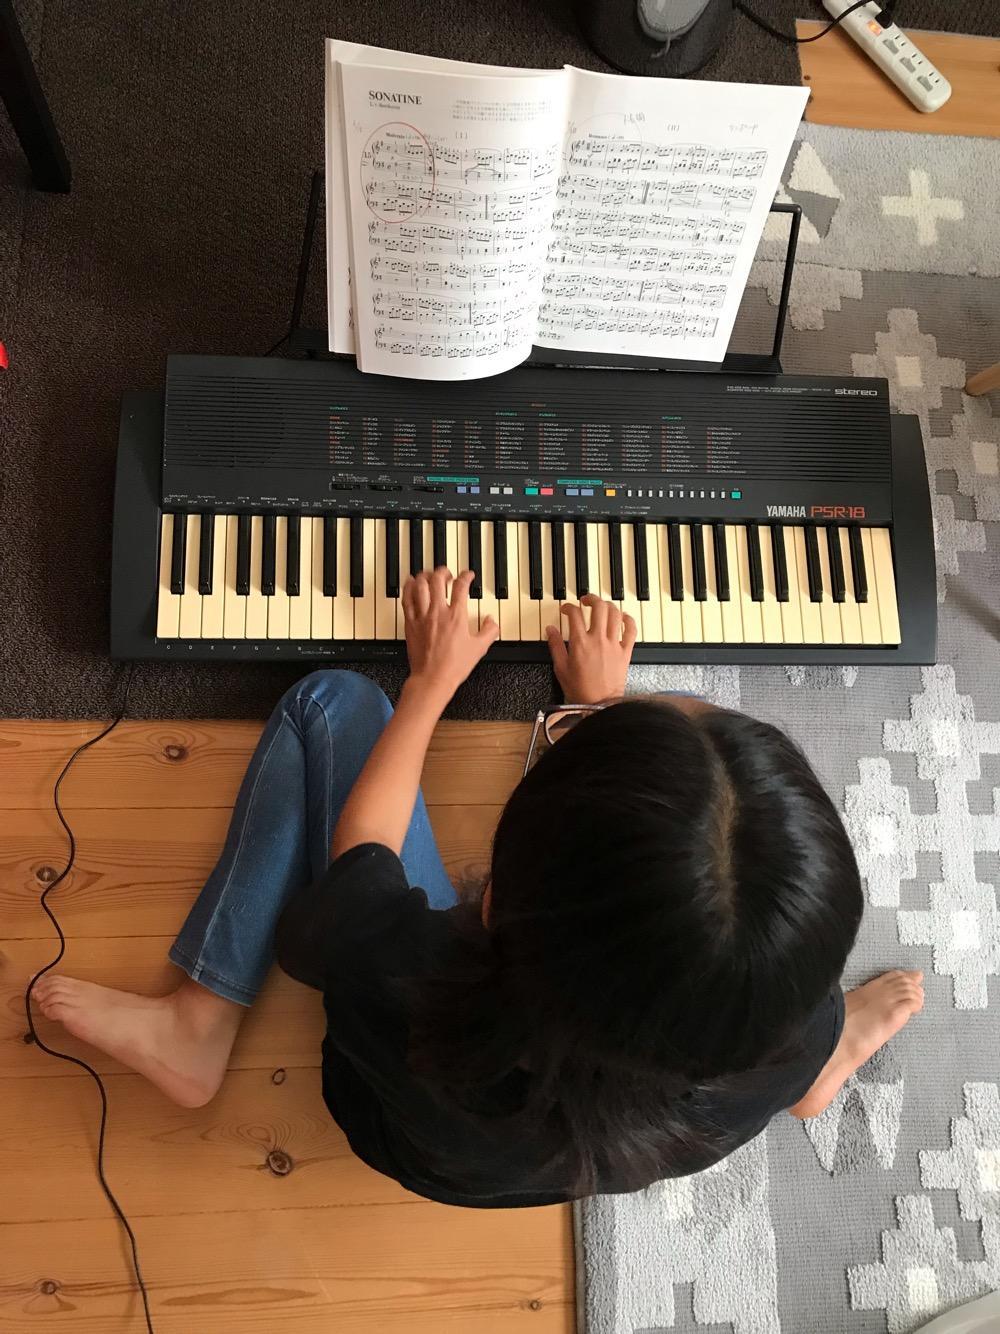 YAMAHA PORTATONE PSR-18で演奏する娘